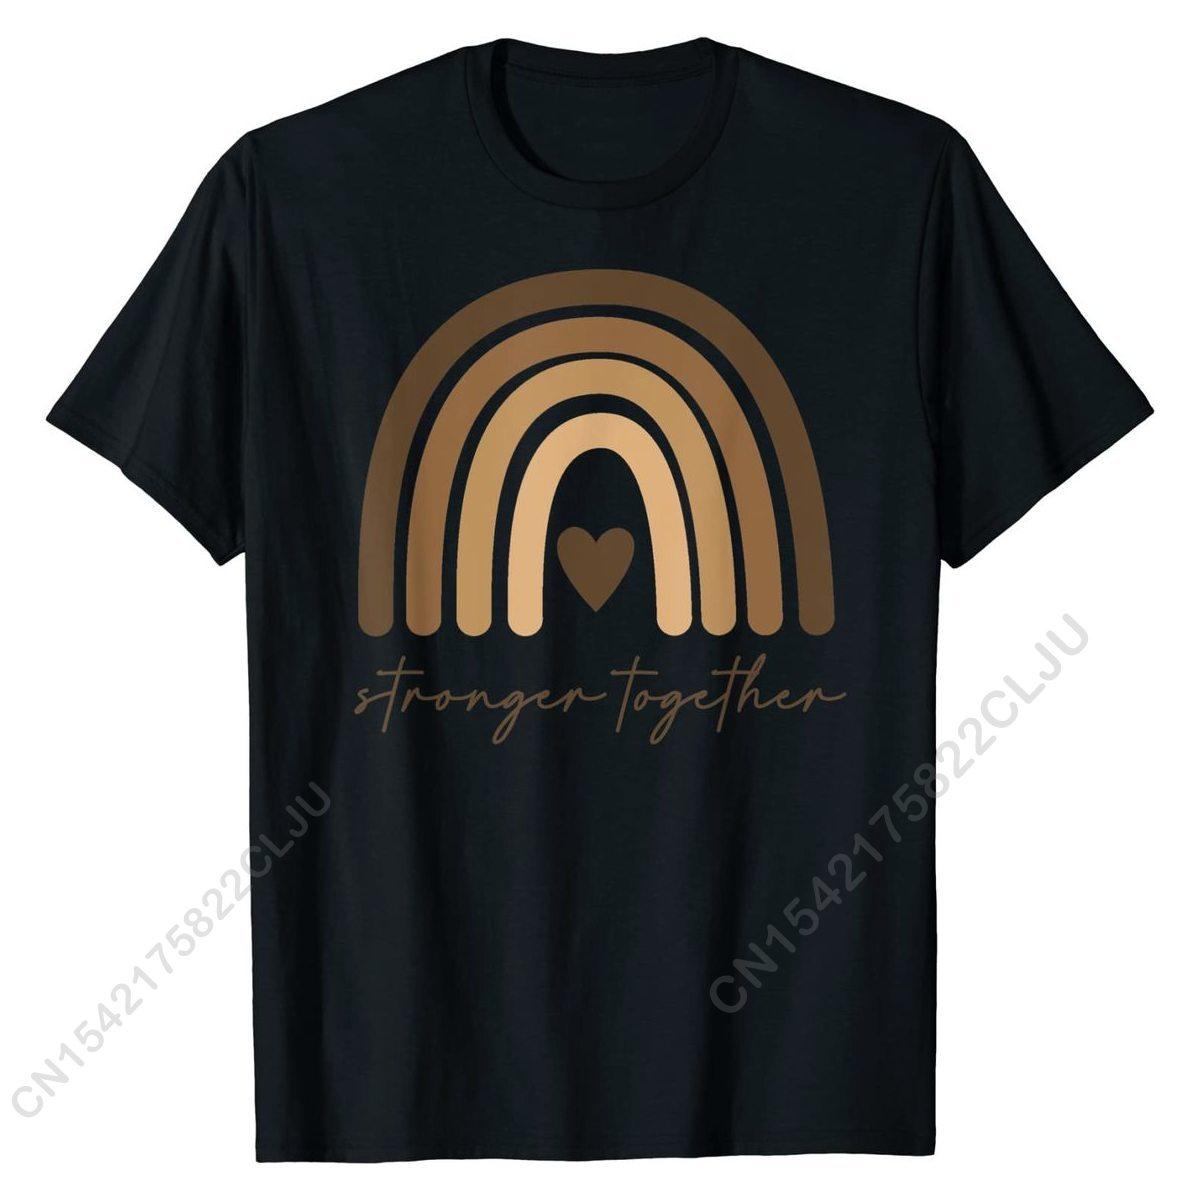 Inspirador de la igualdad Racial aliado piel camiseta diseño Top camisetas Tops...